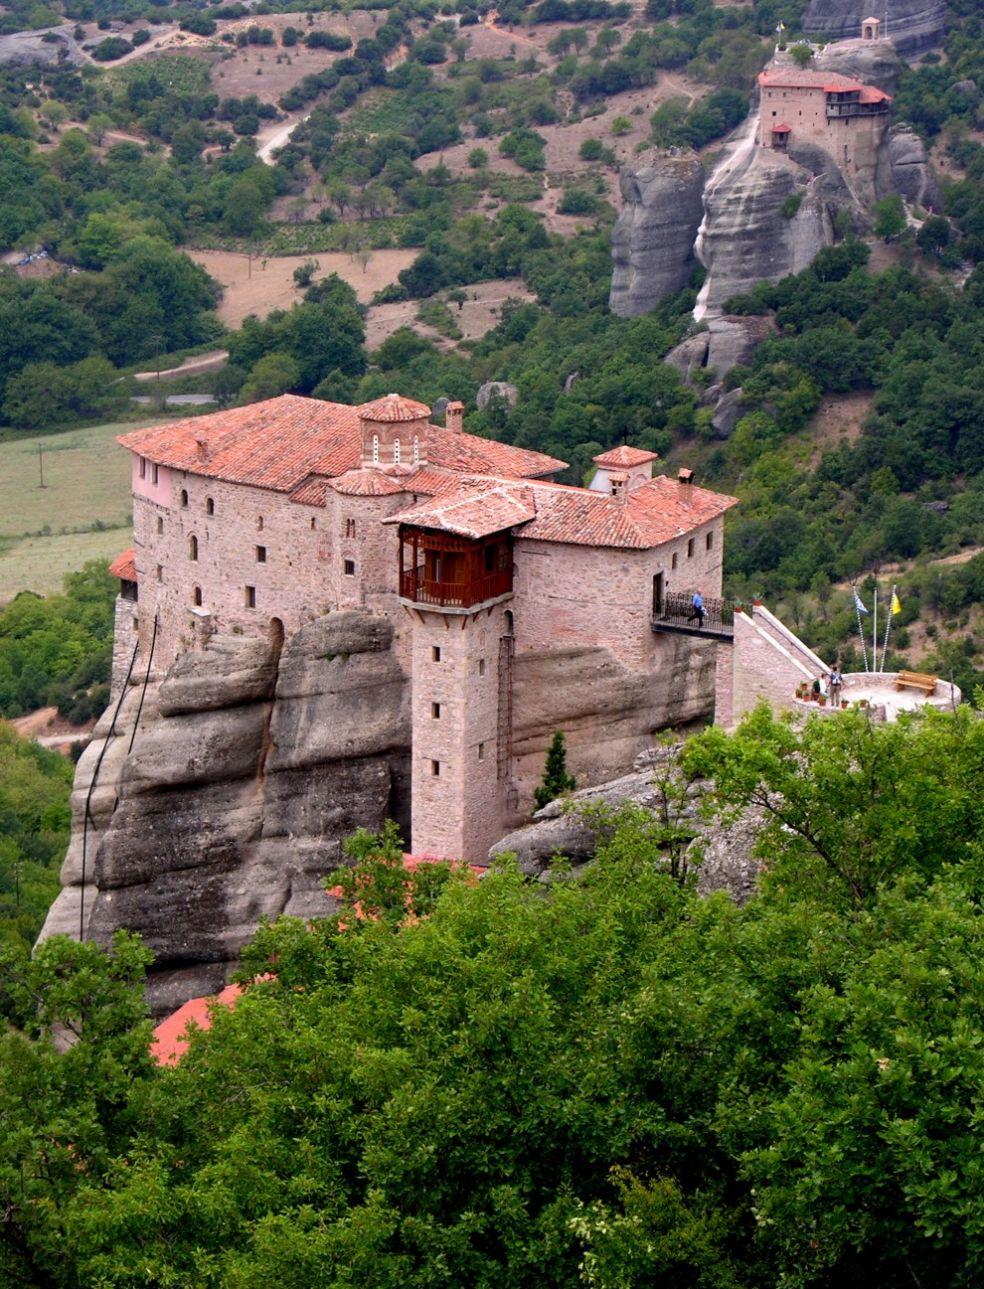 Святой монастырь Роусанов, один из монастырей Метеоры в Каламбаке